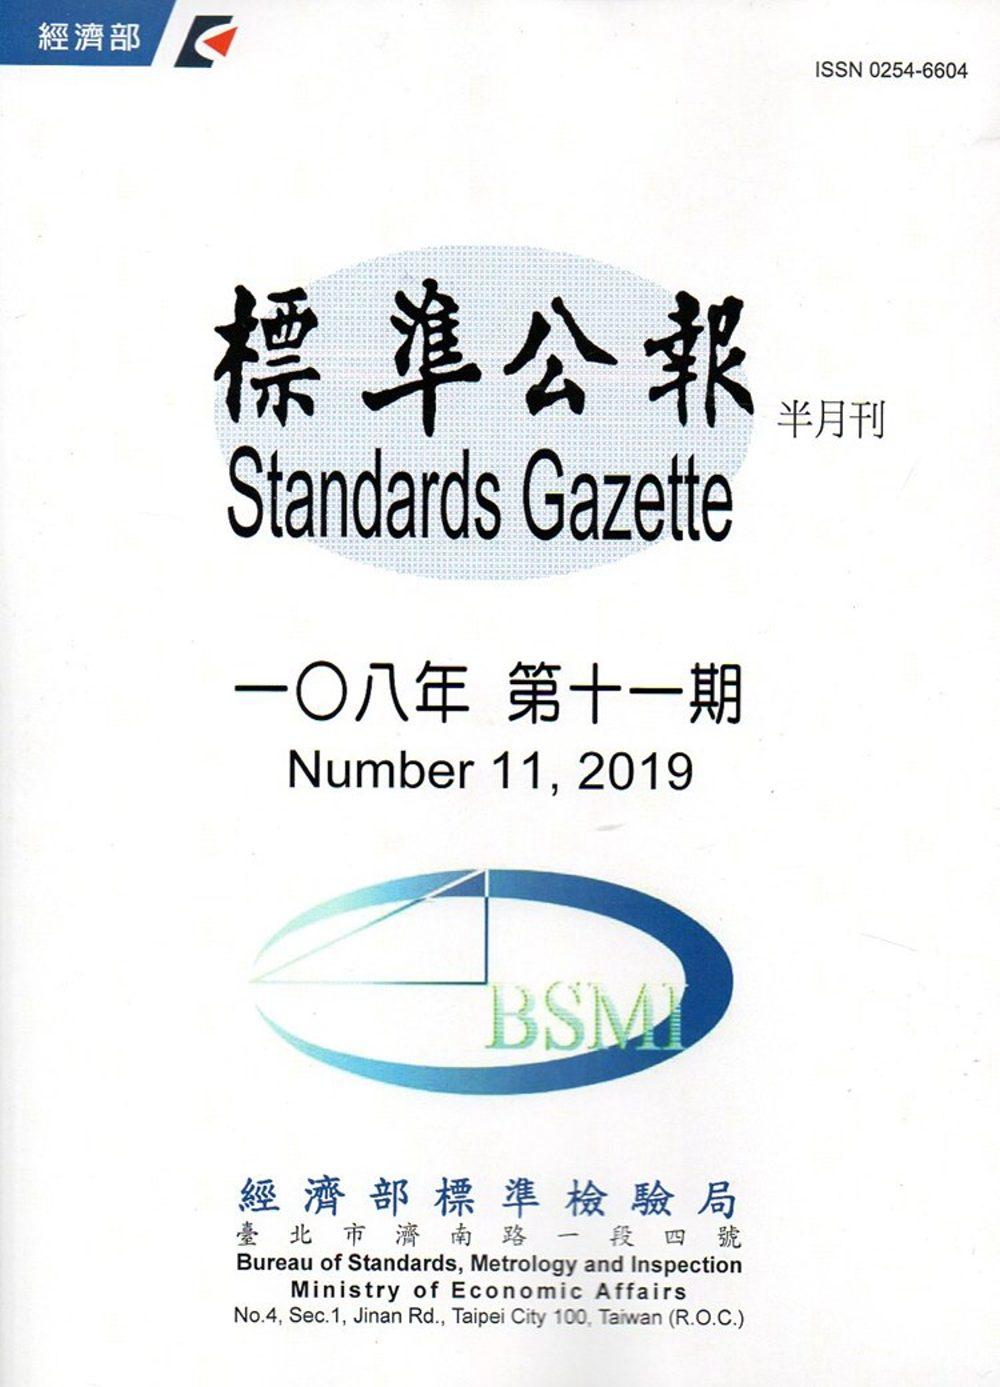 標準公報半月刊108年 第十一期